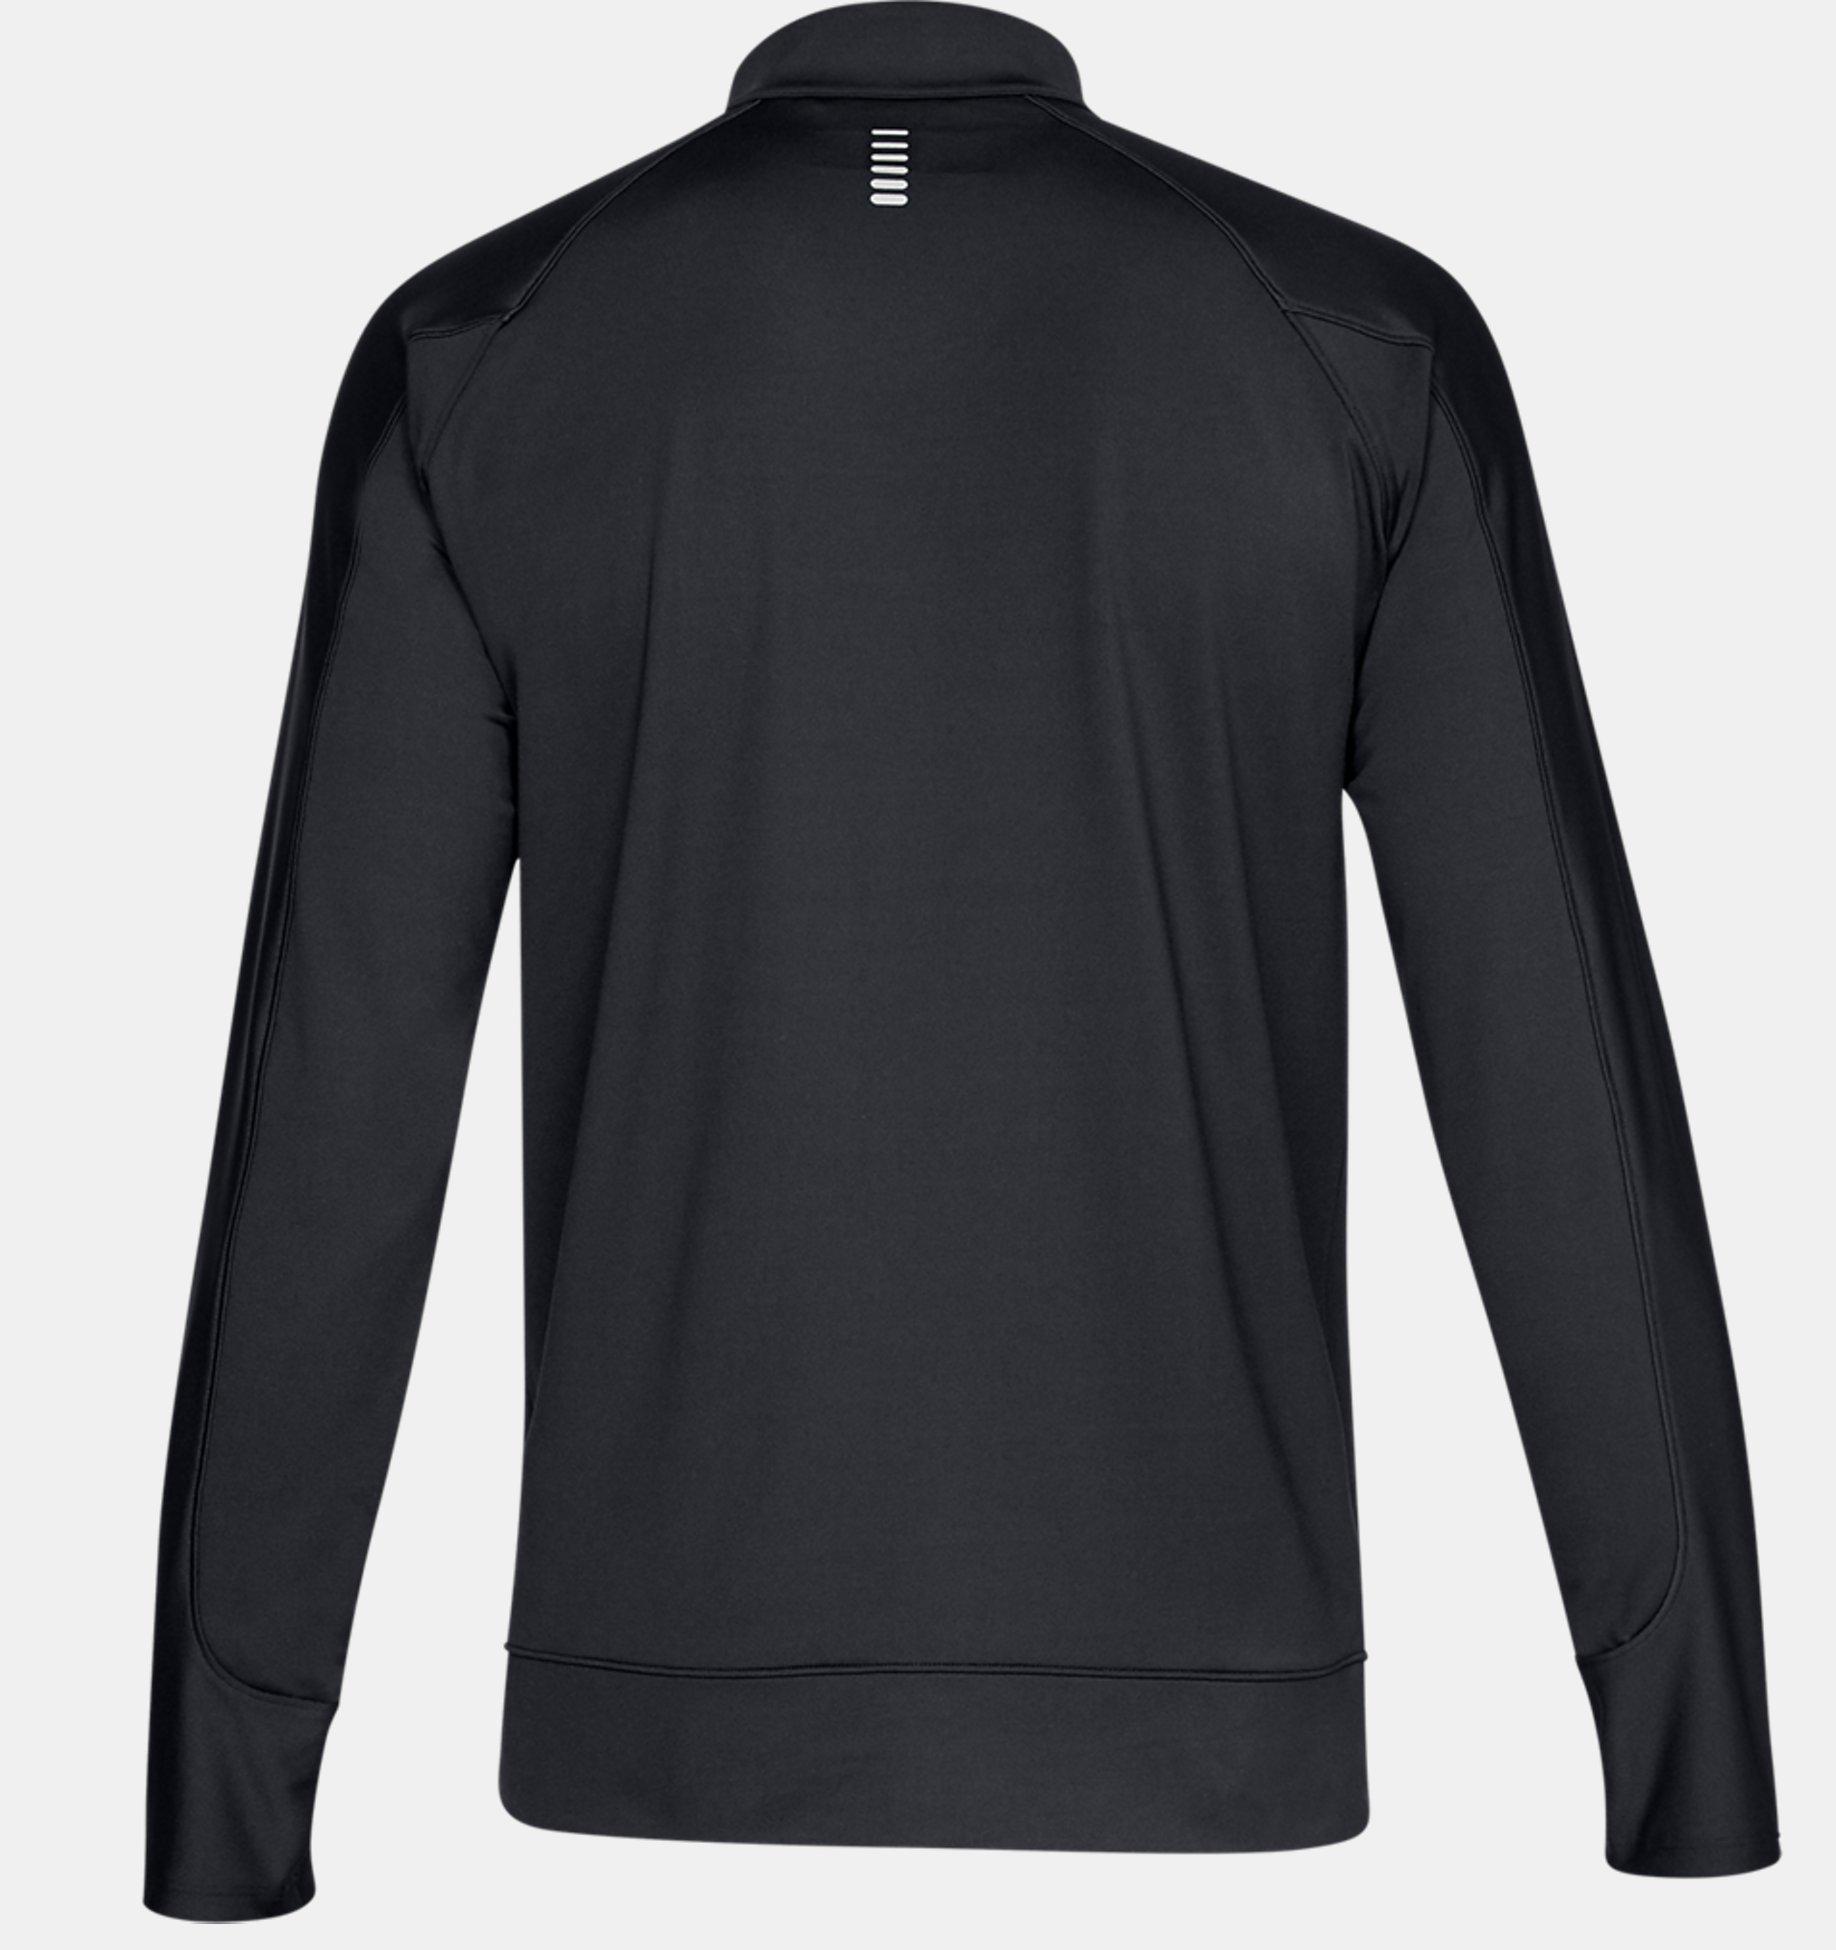 514c20a2530fe ... Chaqueta ColdGear® Run Knit para Hombre